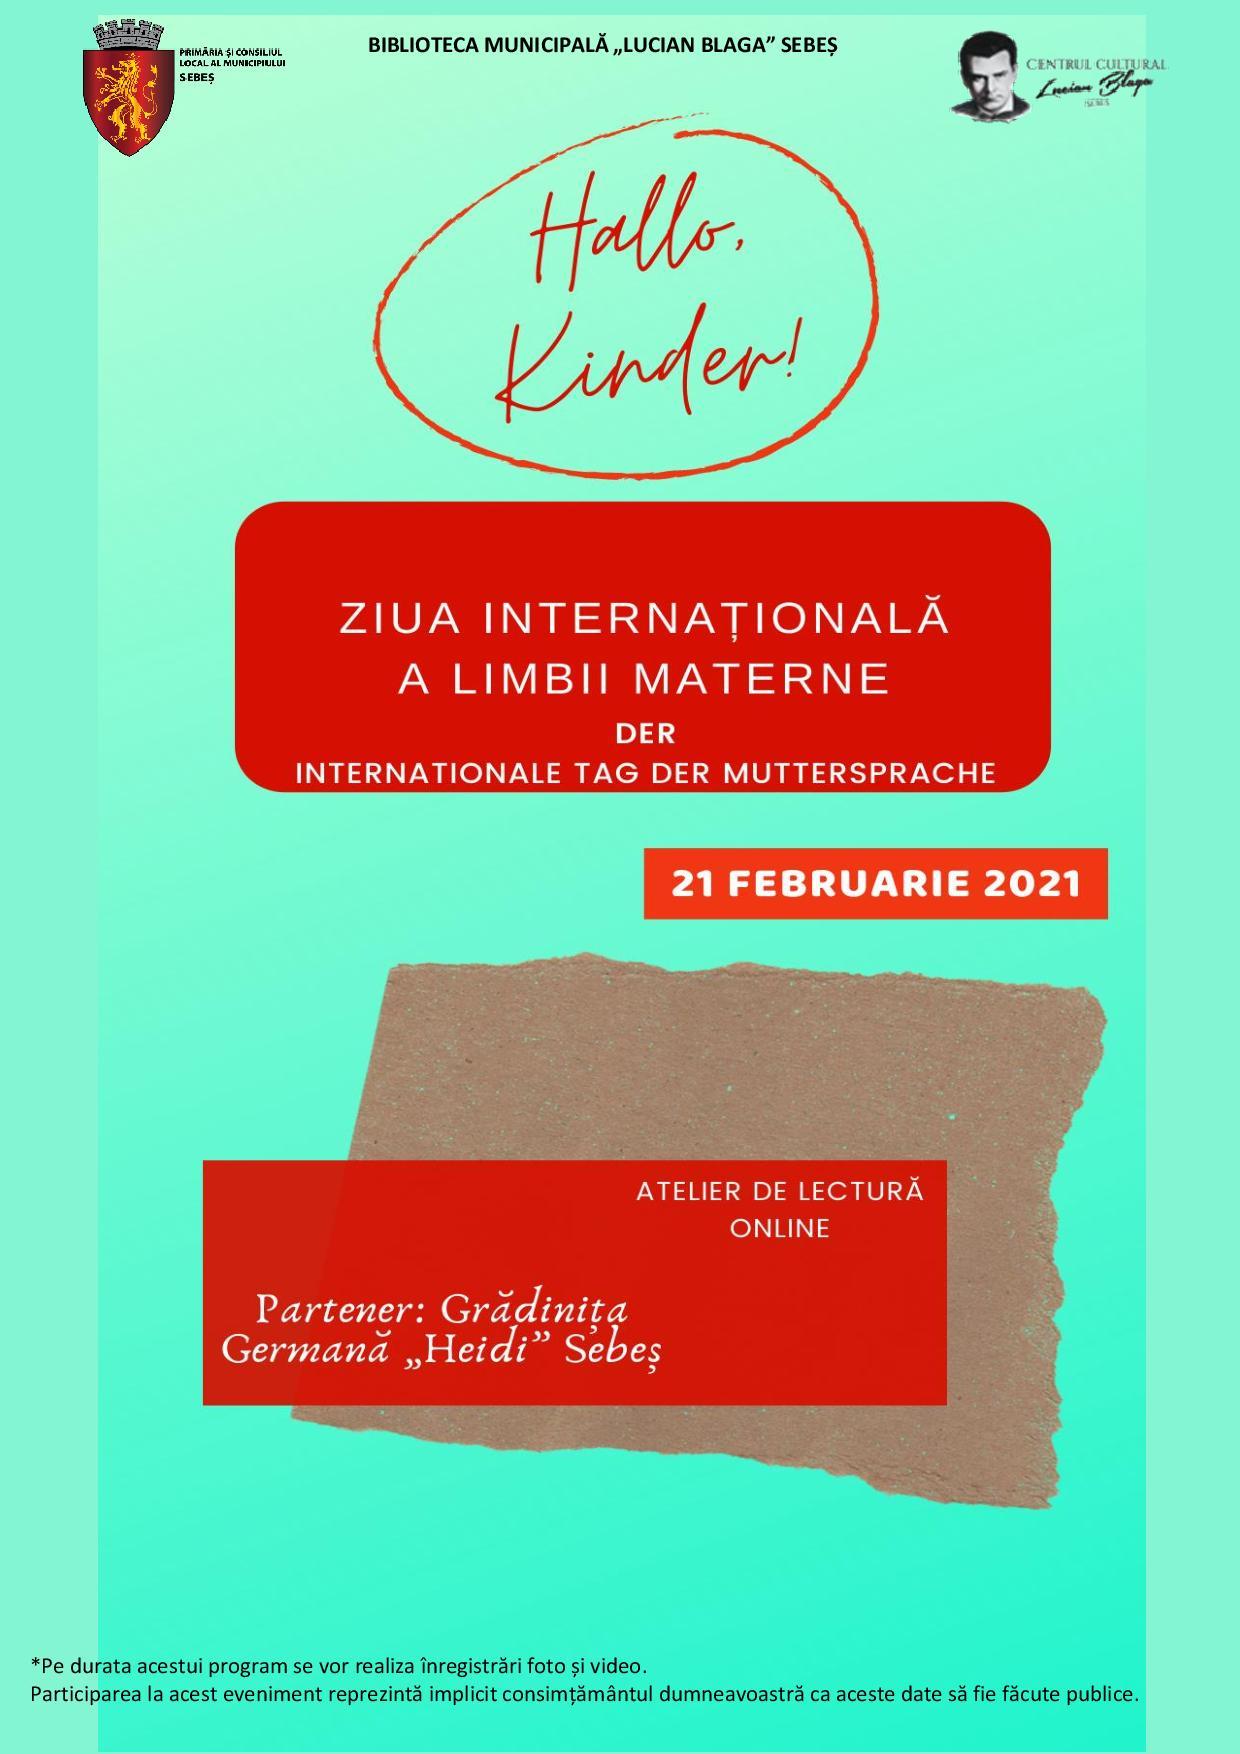 Biblioteca din Sebeș – atelier de lectură, în mediul online, cu prilejul Zilei Internaționale a Limbii Materne